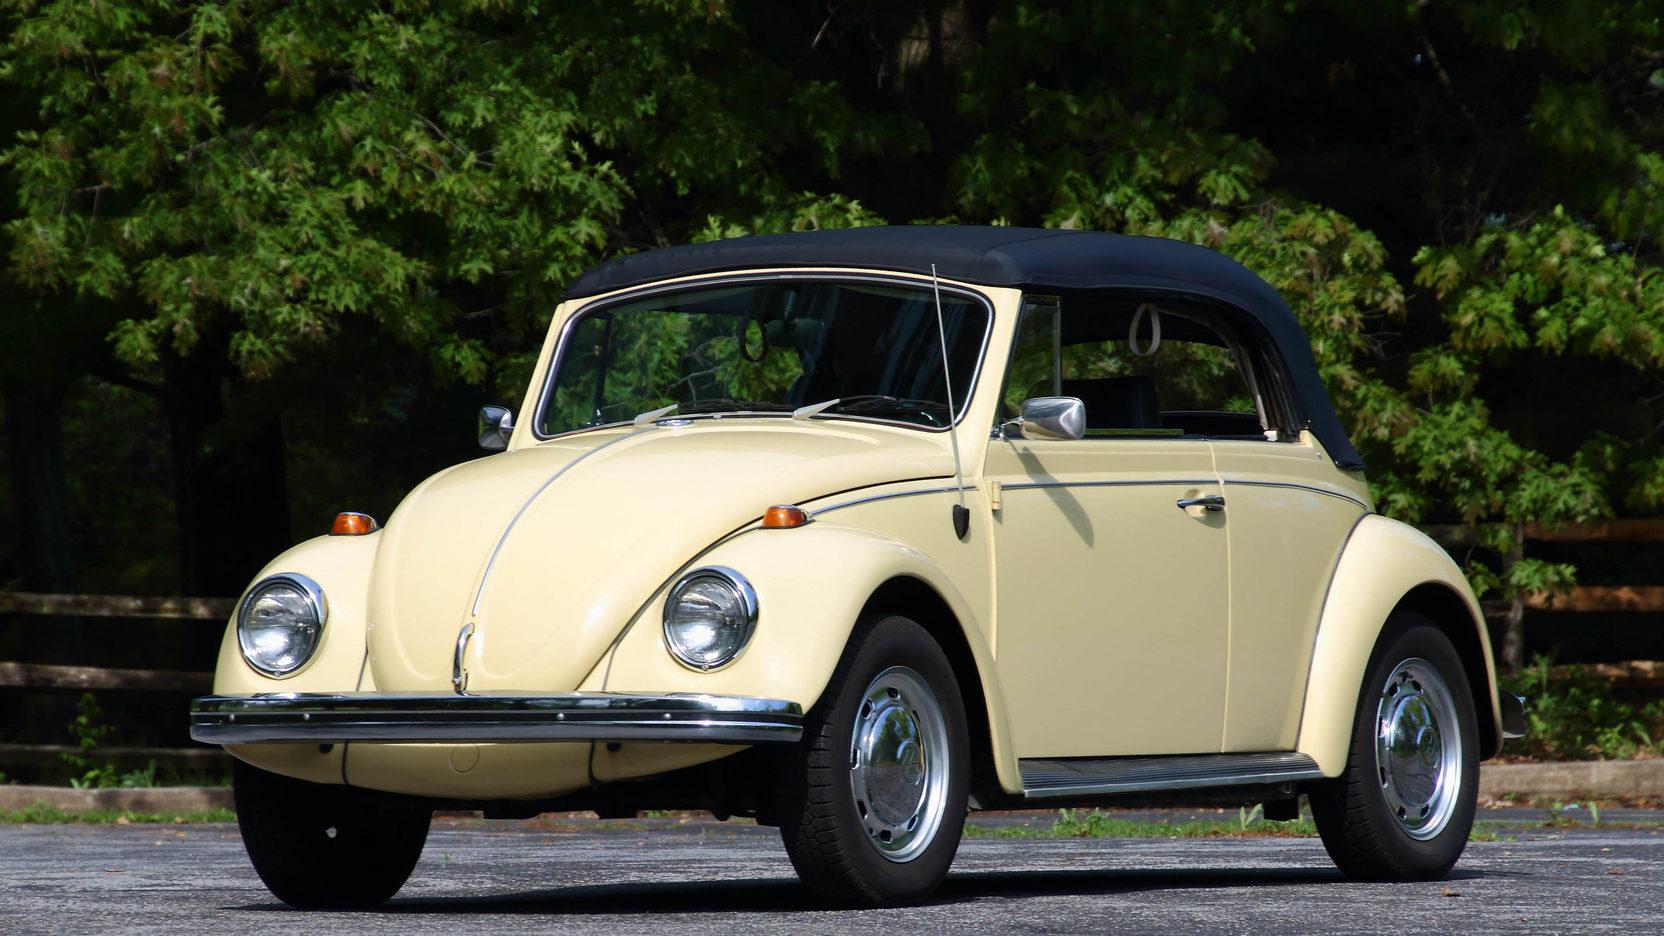 1968 Volkswagen Beetle yellow front 3/4